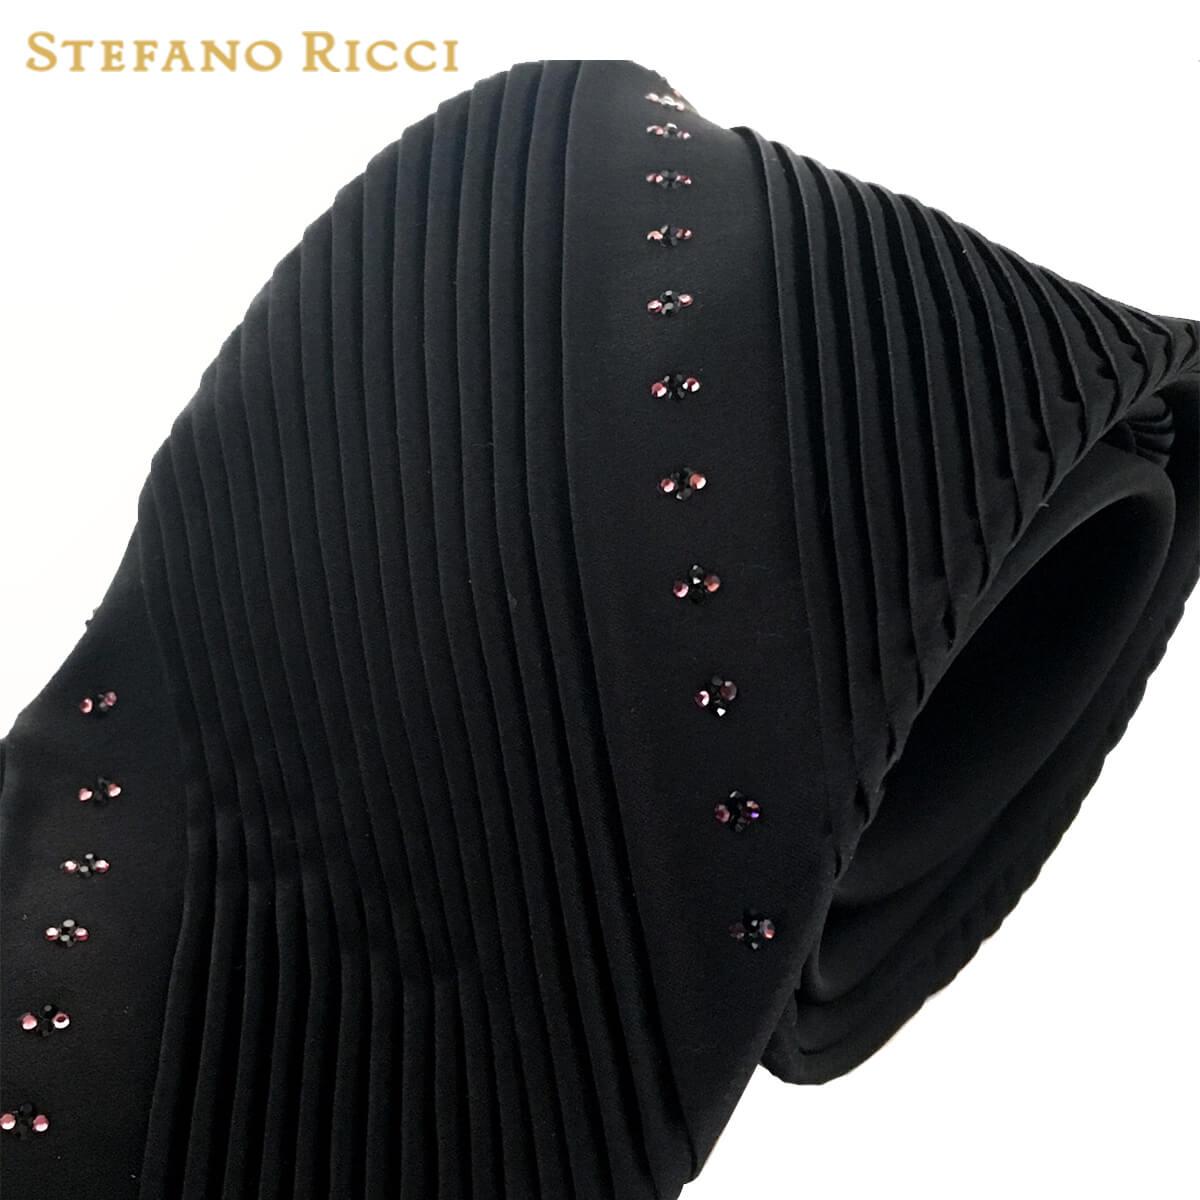 STEFANO RICCI(ステファノリッチ) ネクタイ スワロフスキー プリーツ ブラック プリーツタイ ステファノリッチネクタイ